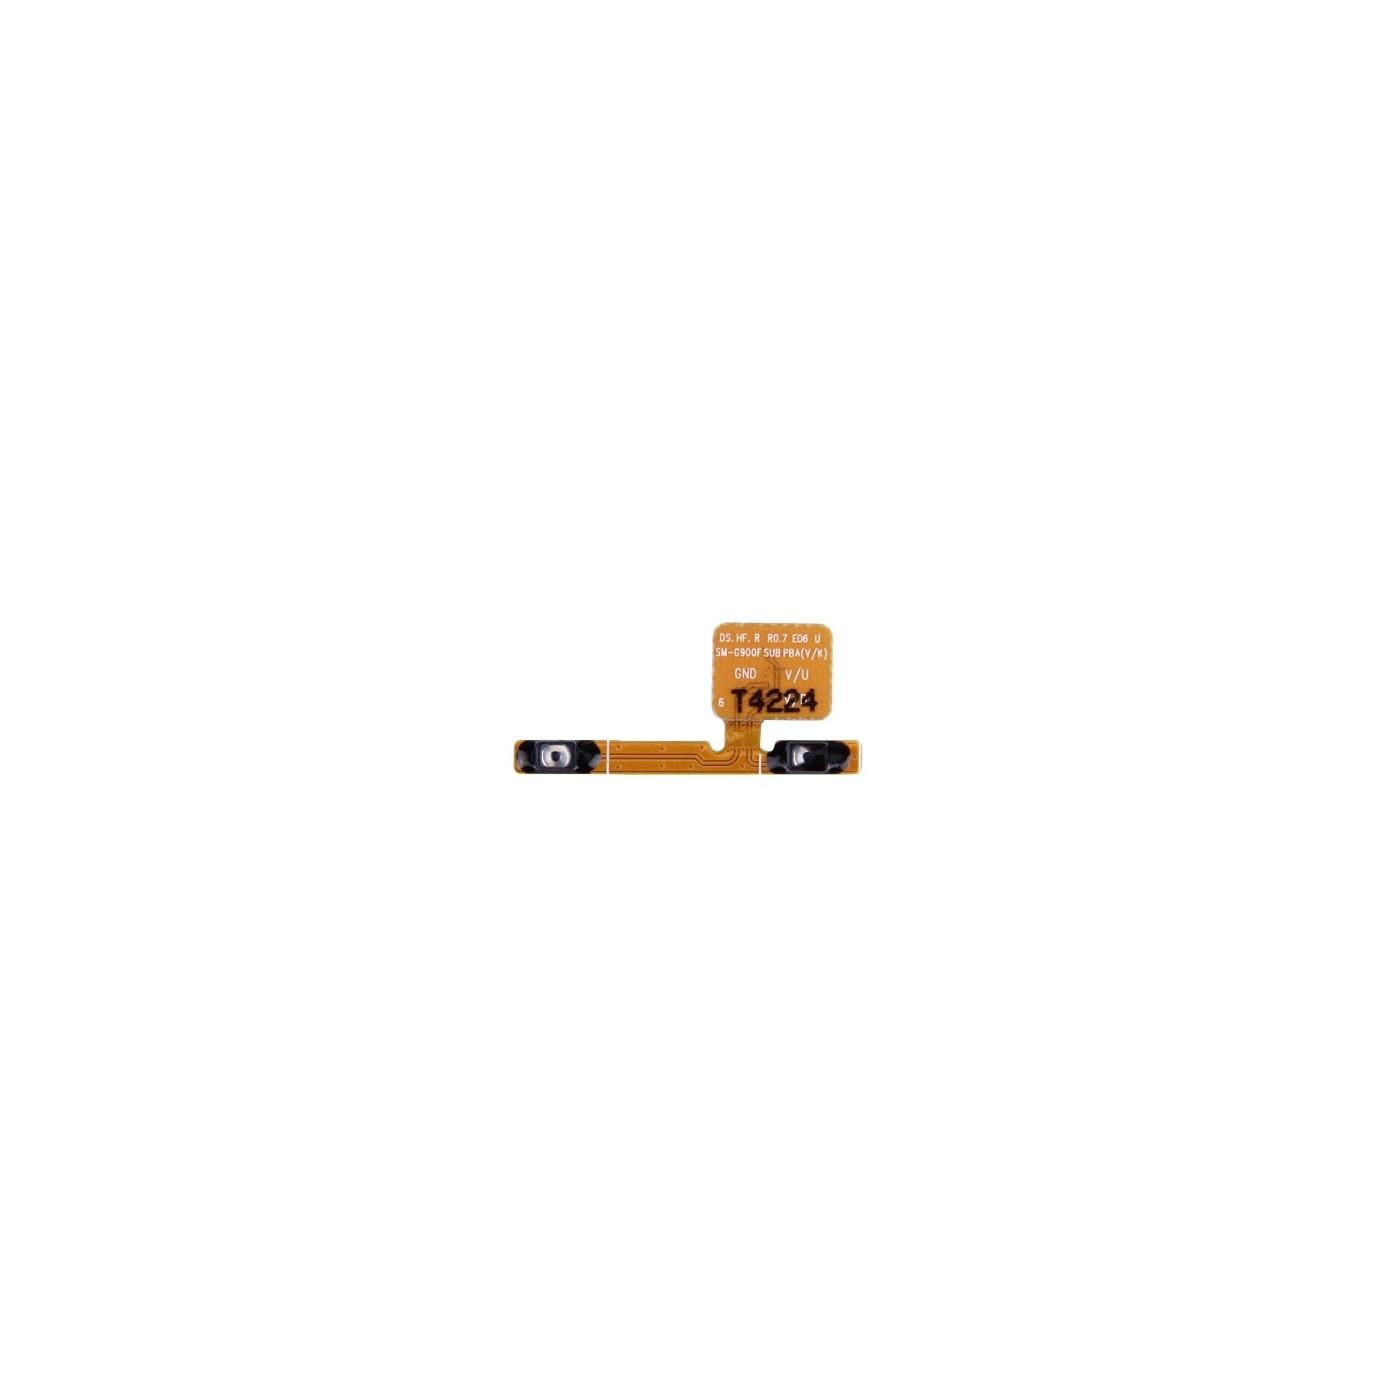 side volume keys for samsung galaxy S5 G900 flat flex